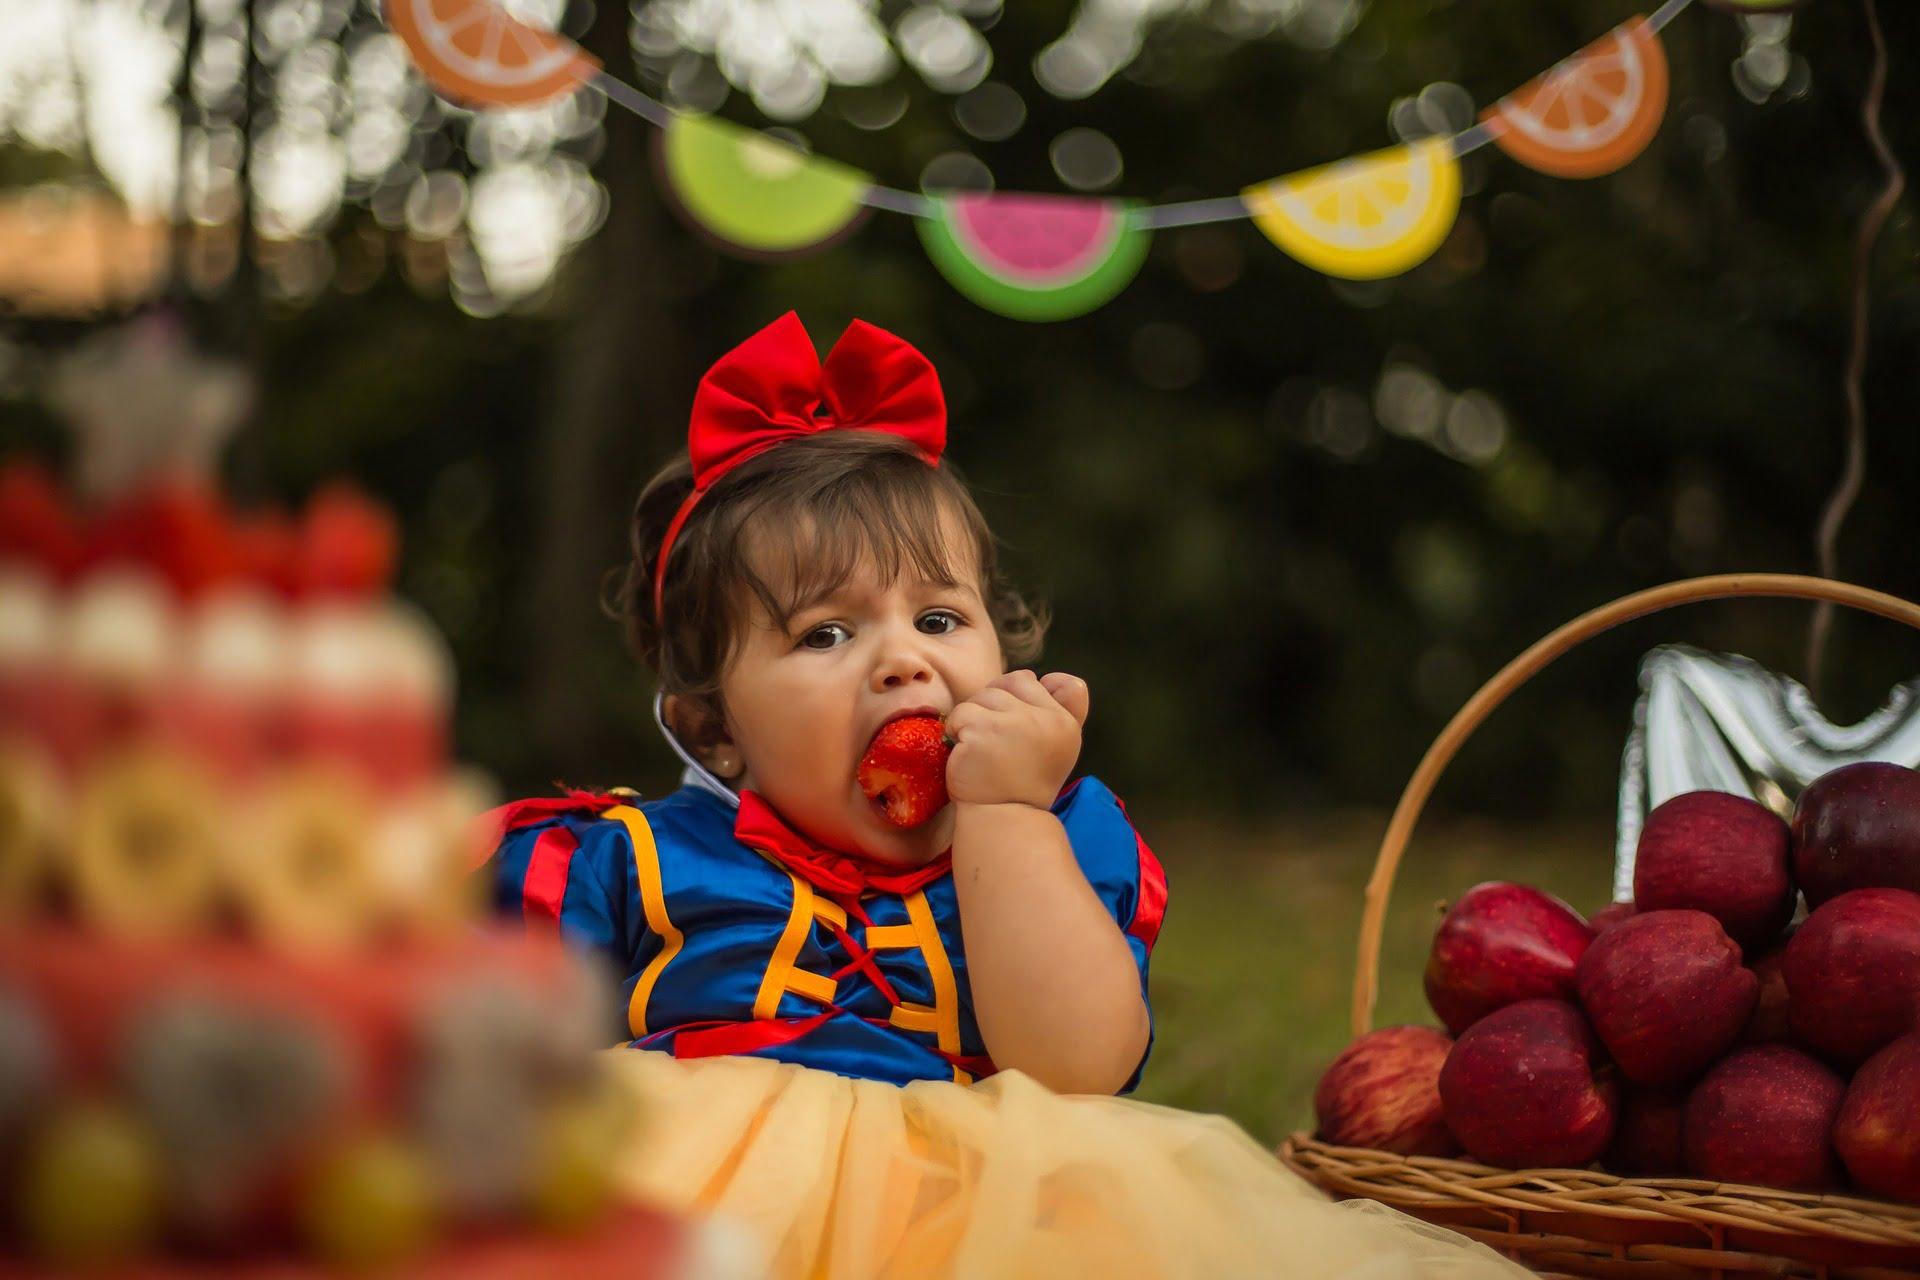 Oricât de curios și de pofticios ar fi copilul, ține cont că există o listă de alimente interzise până la 2 ani.